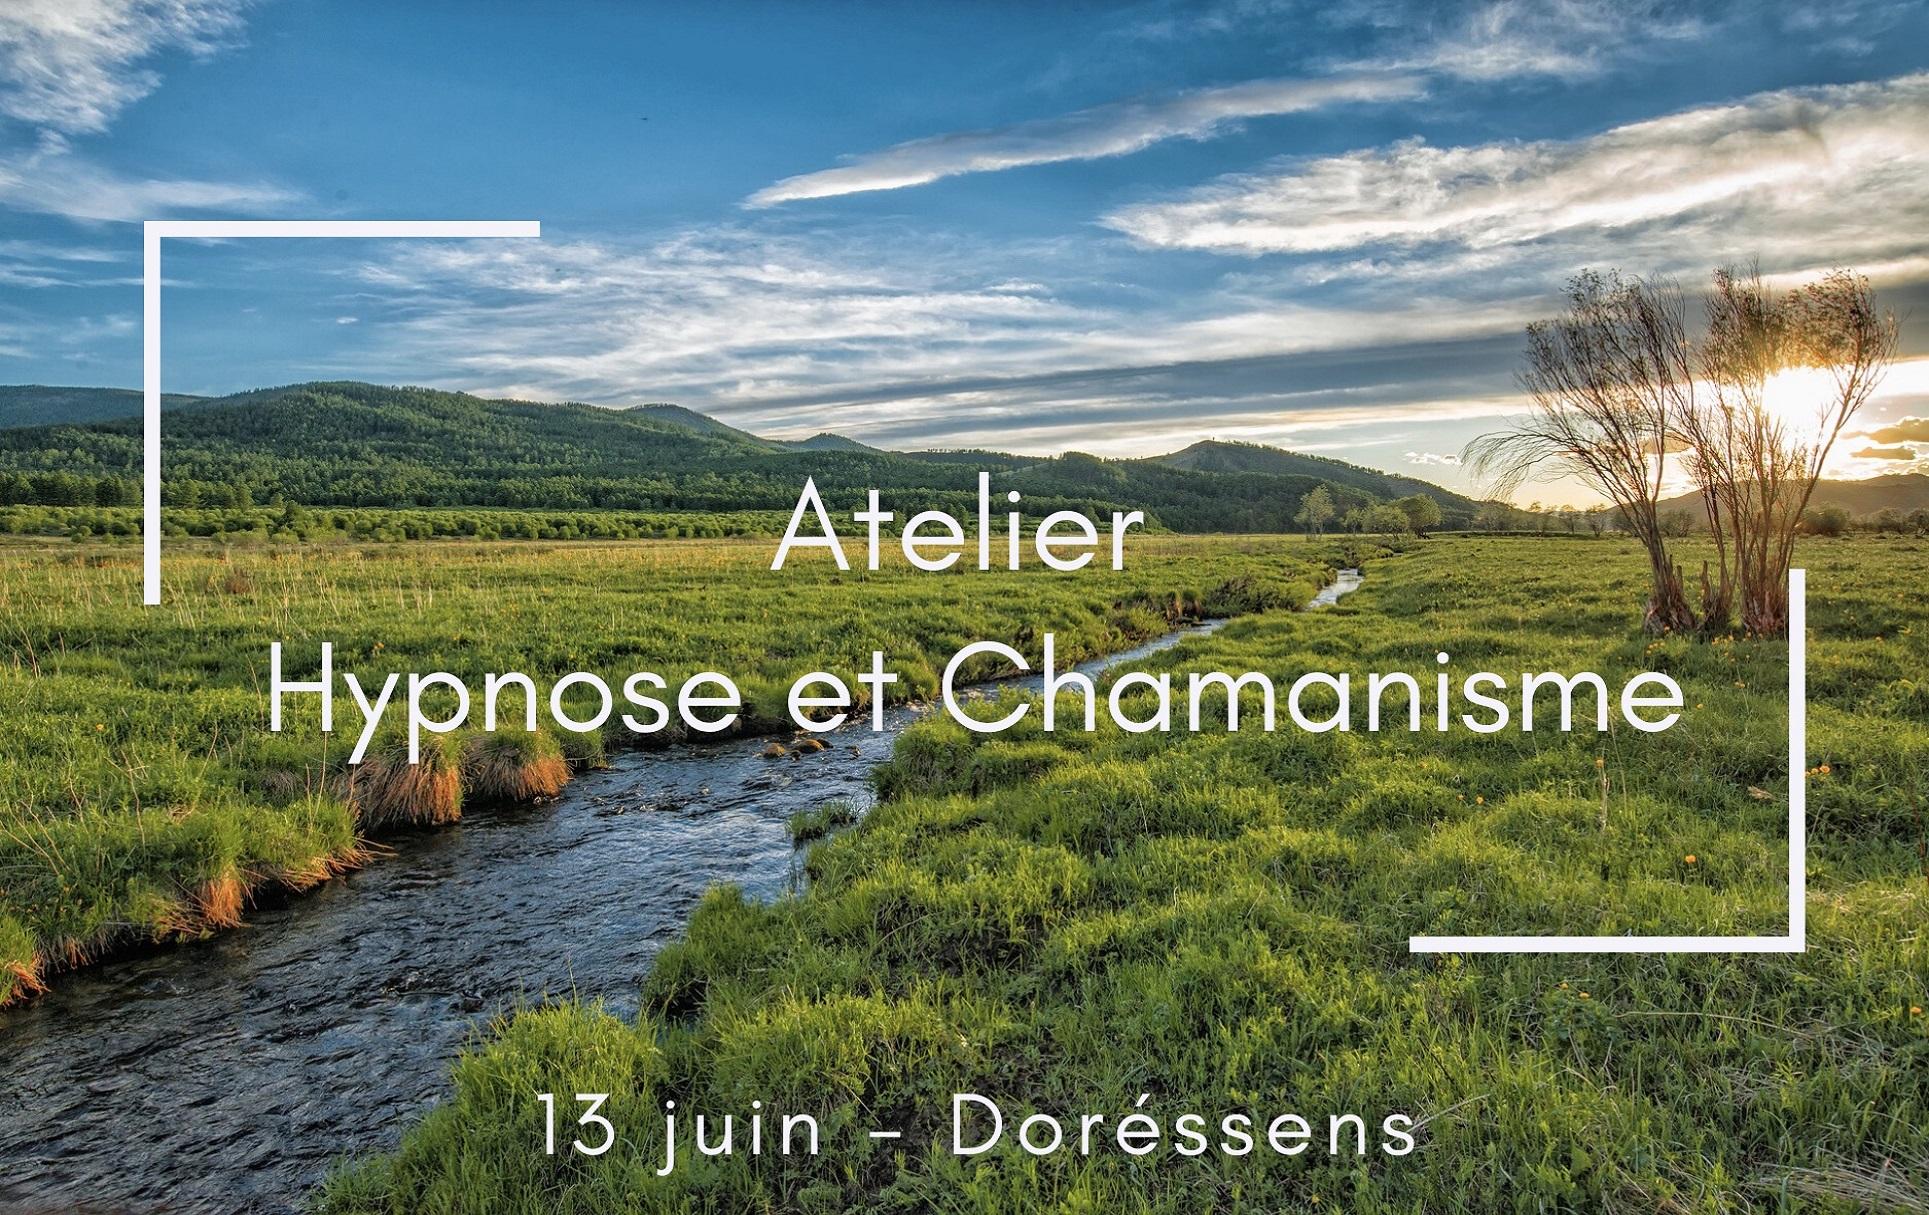 Evénement : Atelier Hypnose et Chamanisme – Doréssens – 13 juin 2020